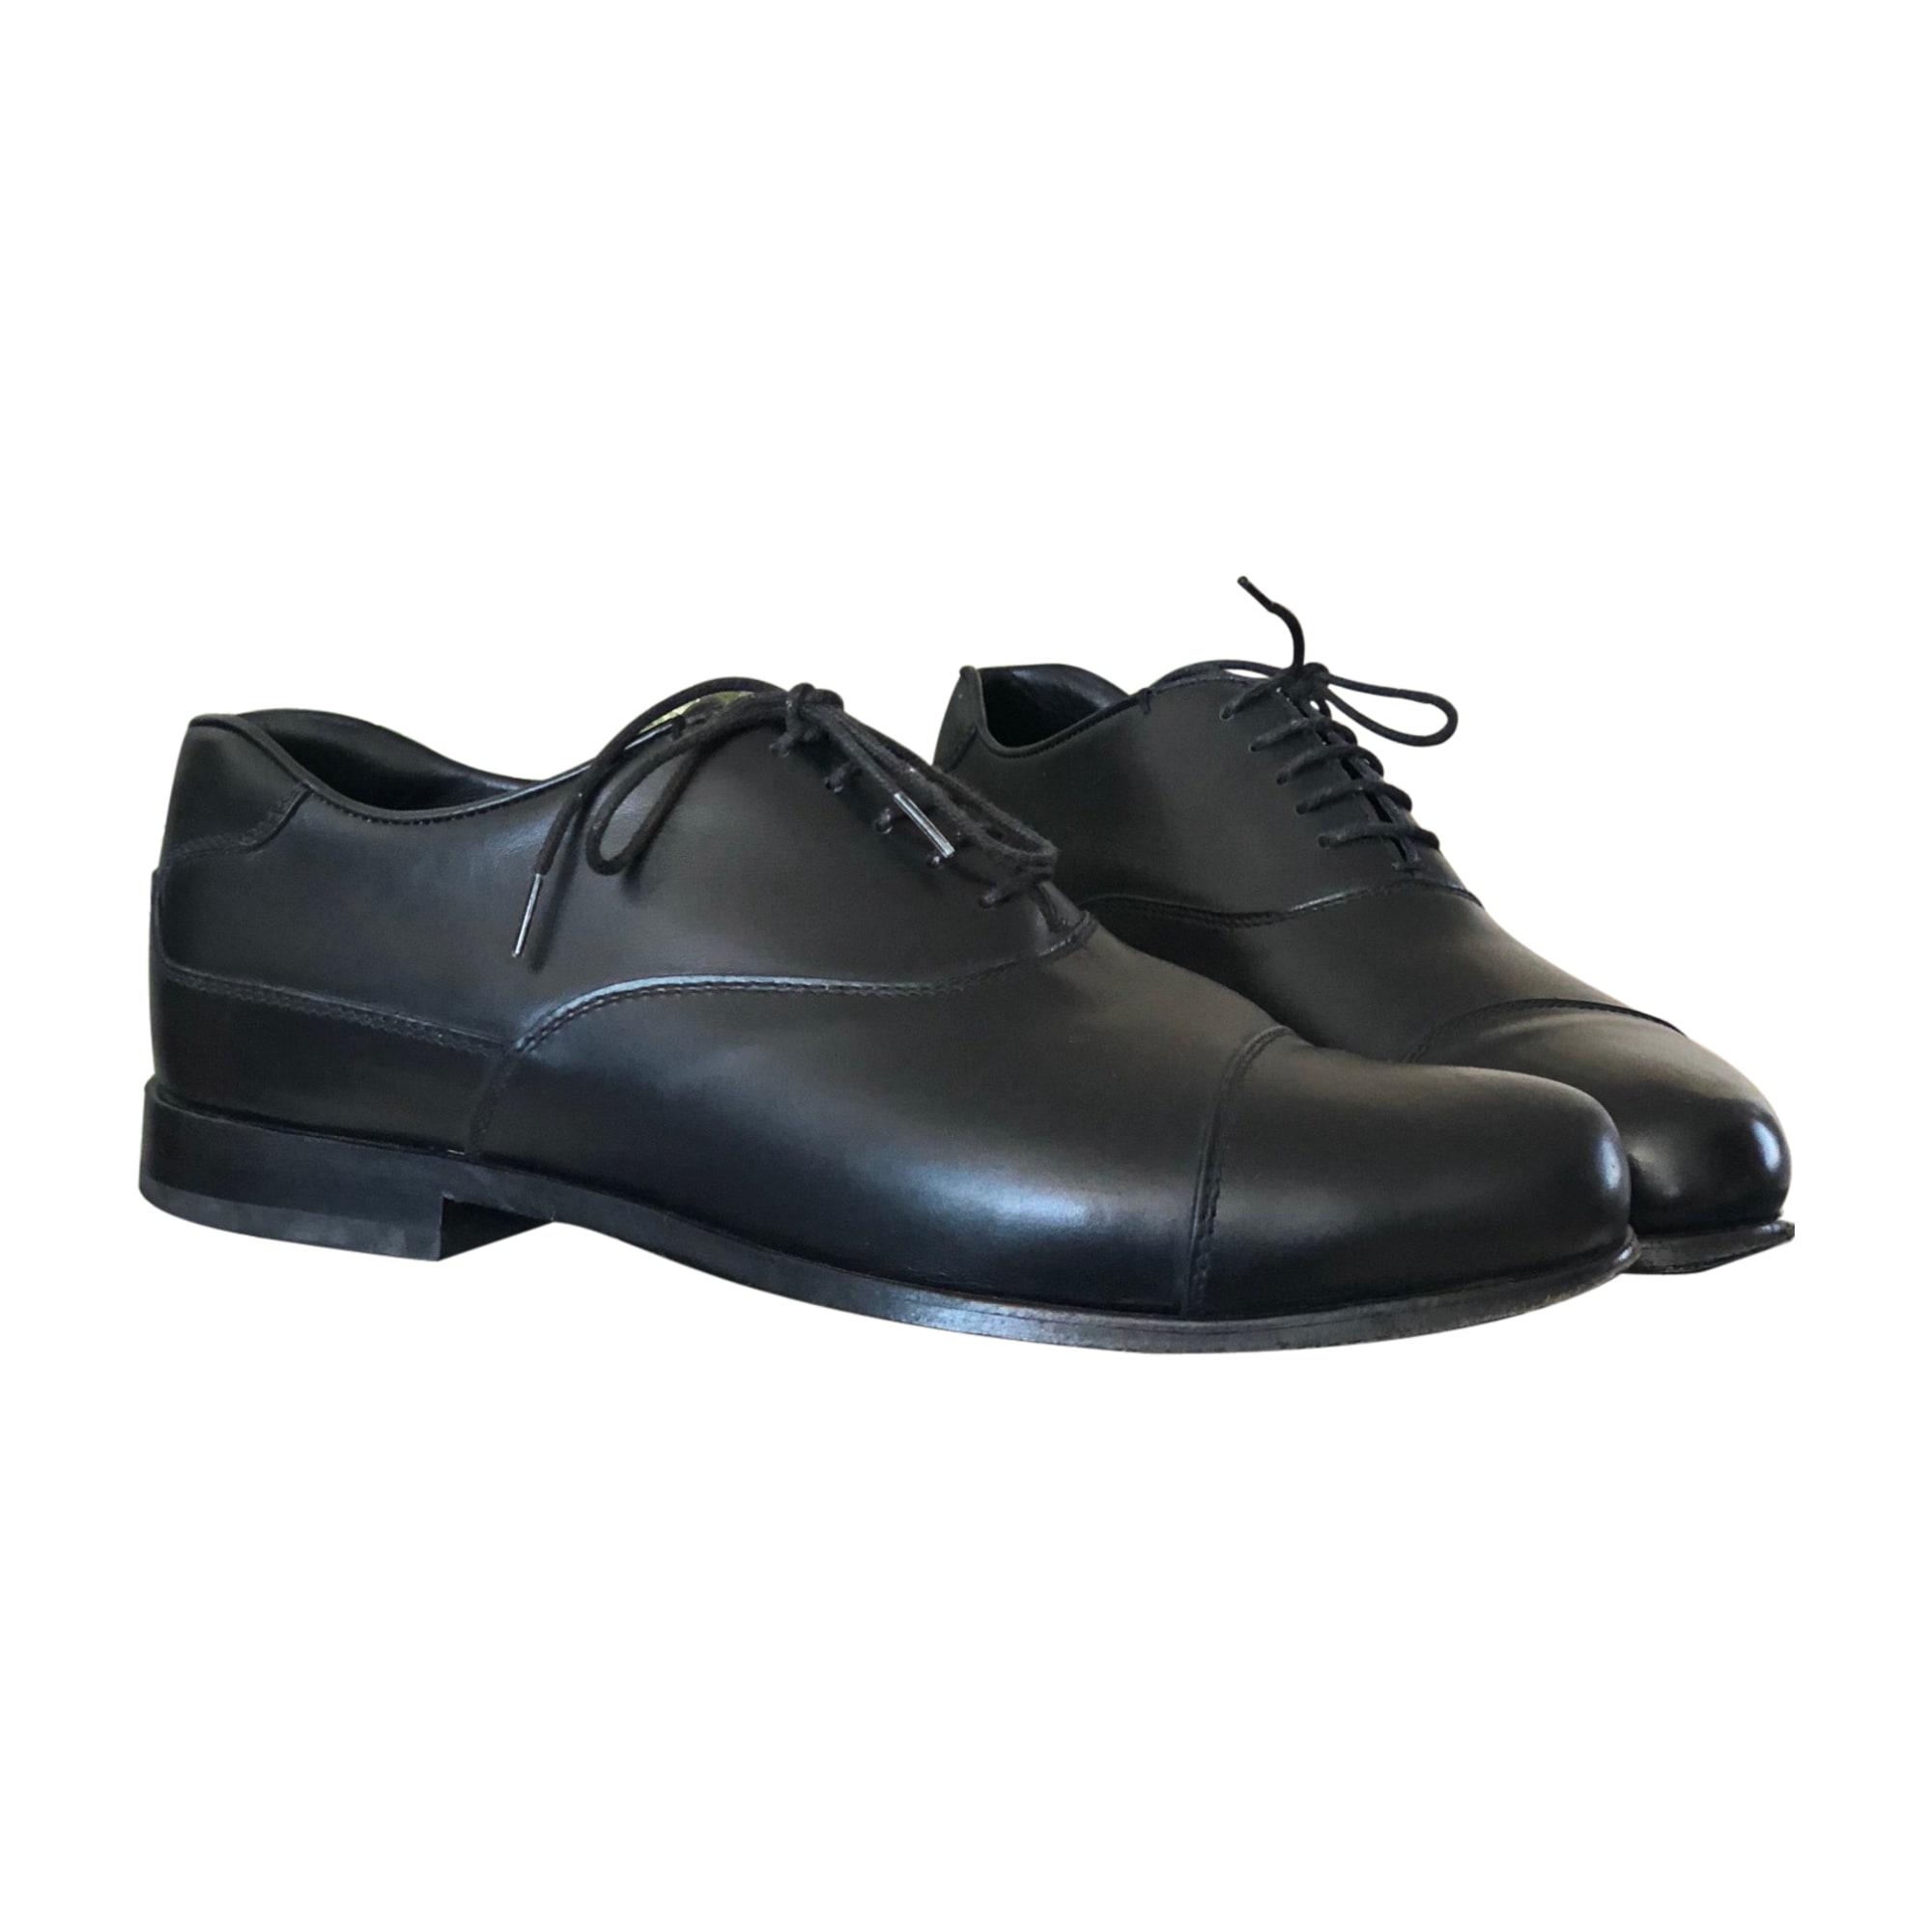 Chaussures à lacets PRADA 42,5 noir - 7905275 6bfcf31269b3